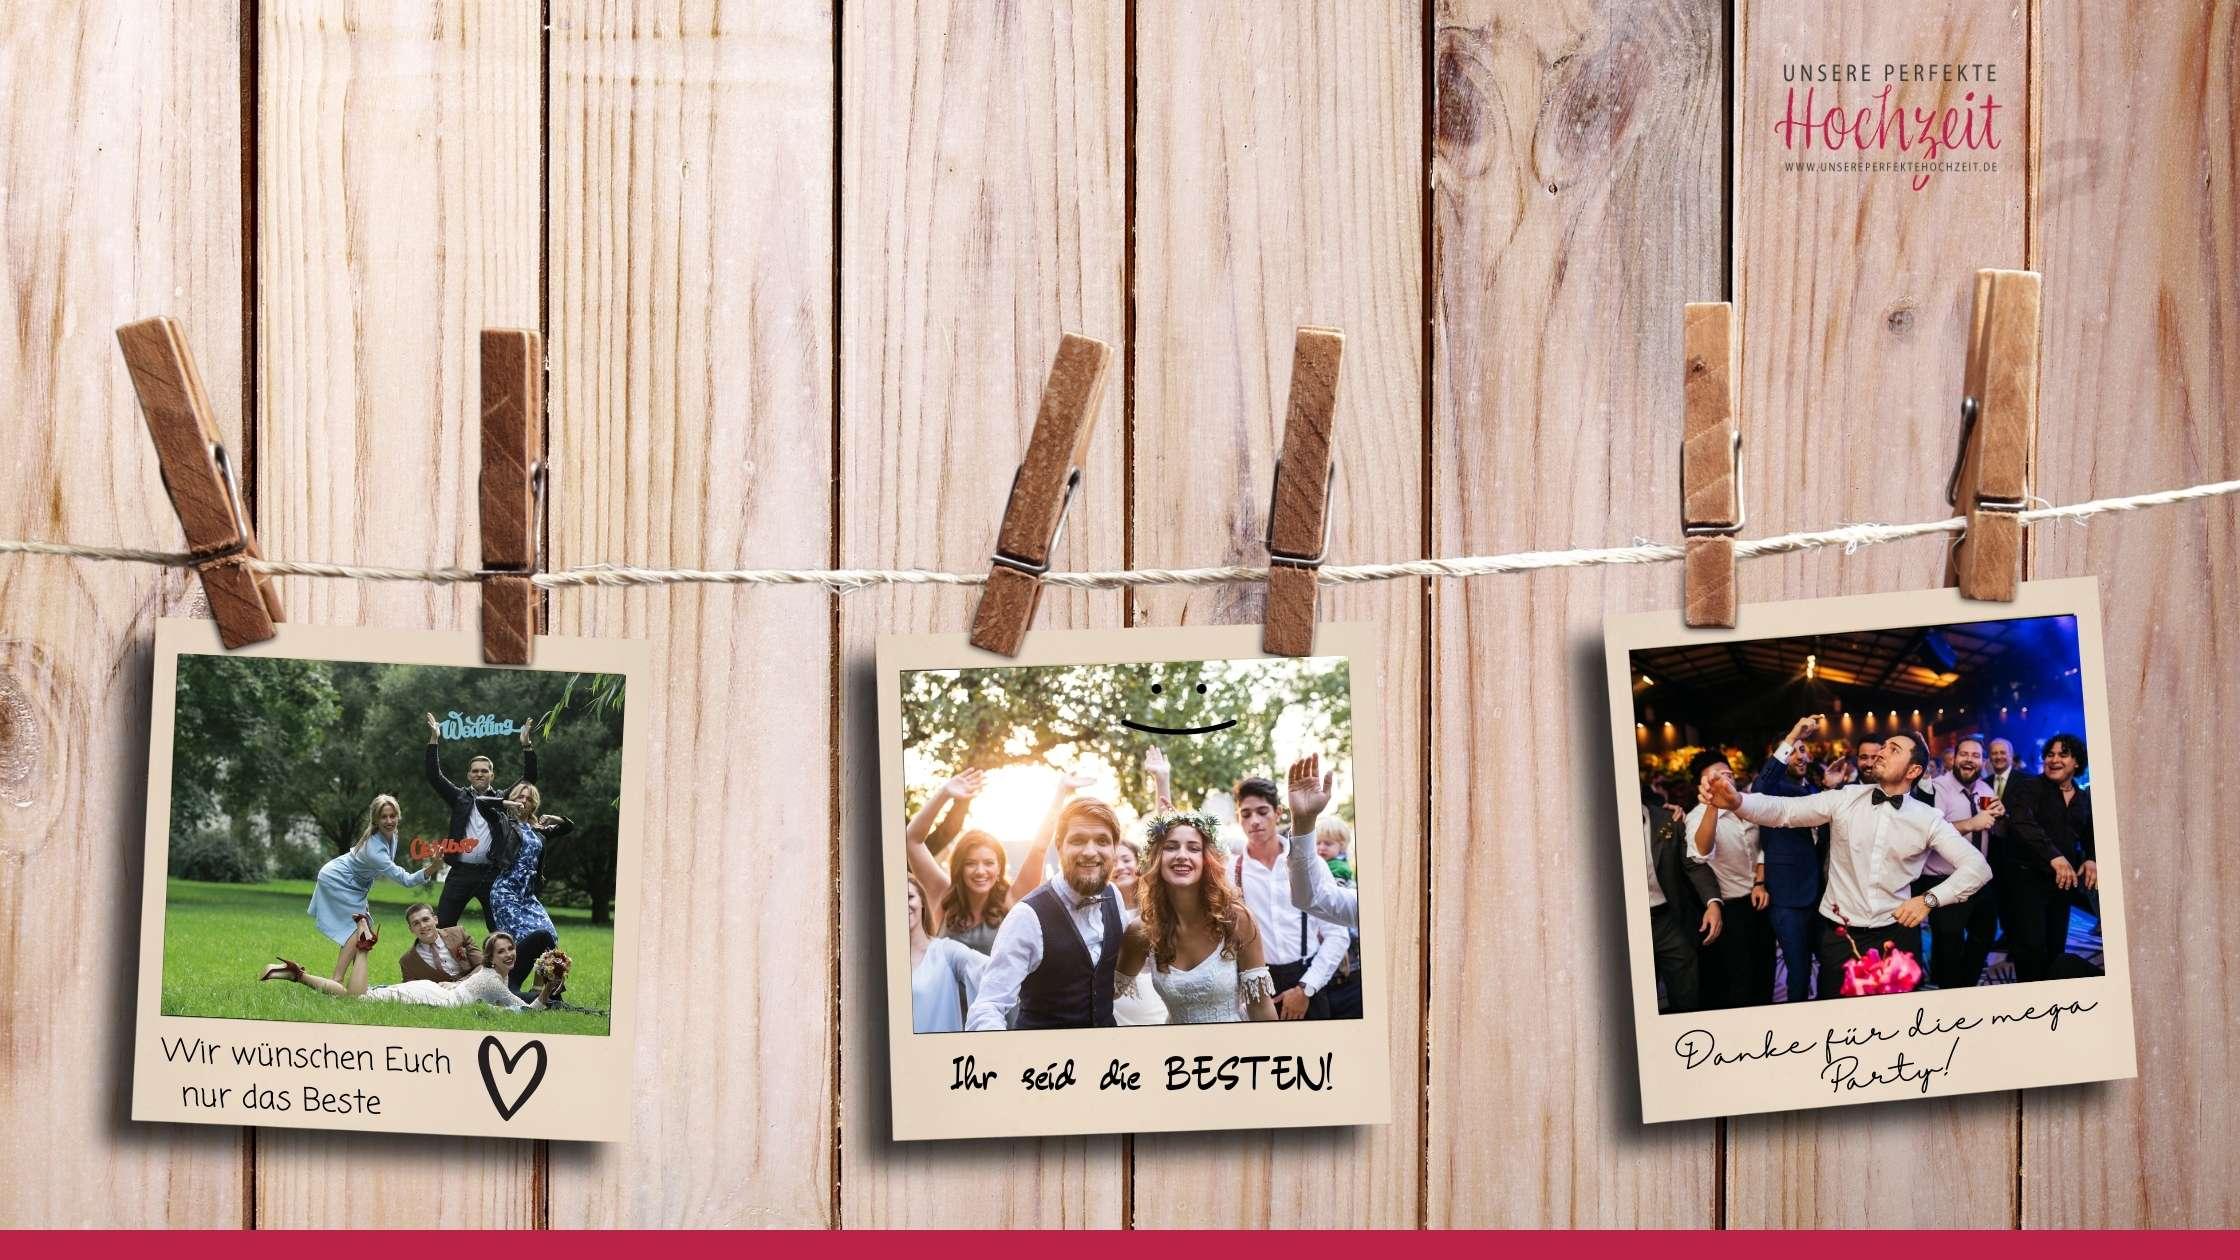 Unsere perfekte Hochzeit - Die 5 schönsten Gästebuch Ideen - Polaroid Fotos auf der Leine